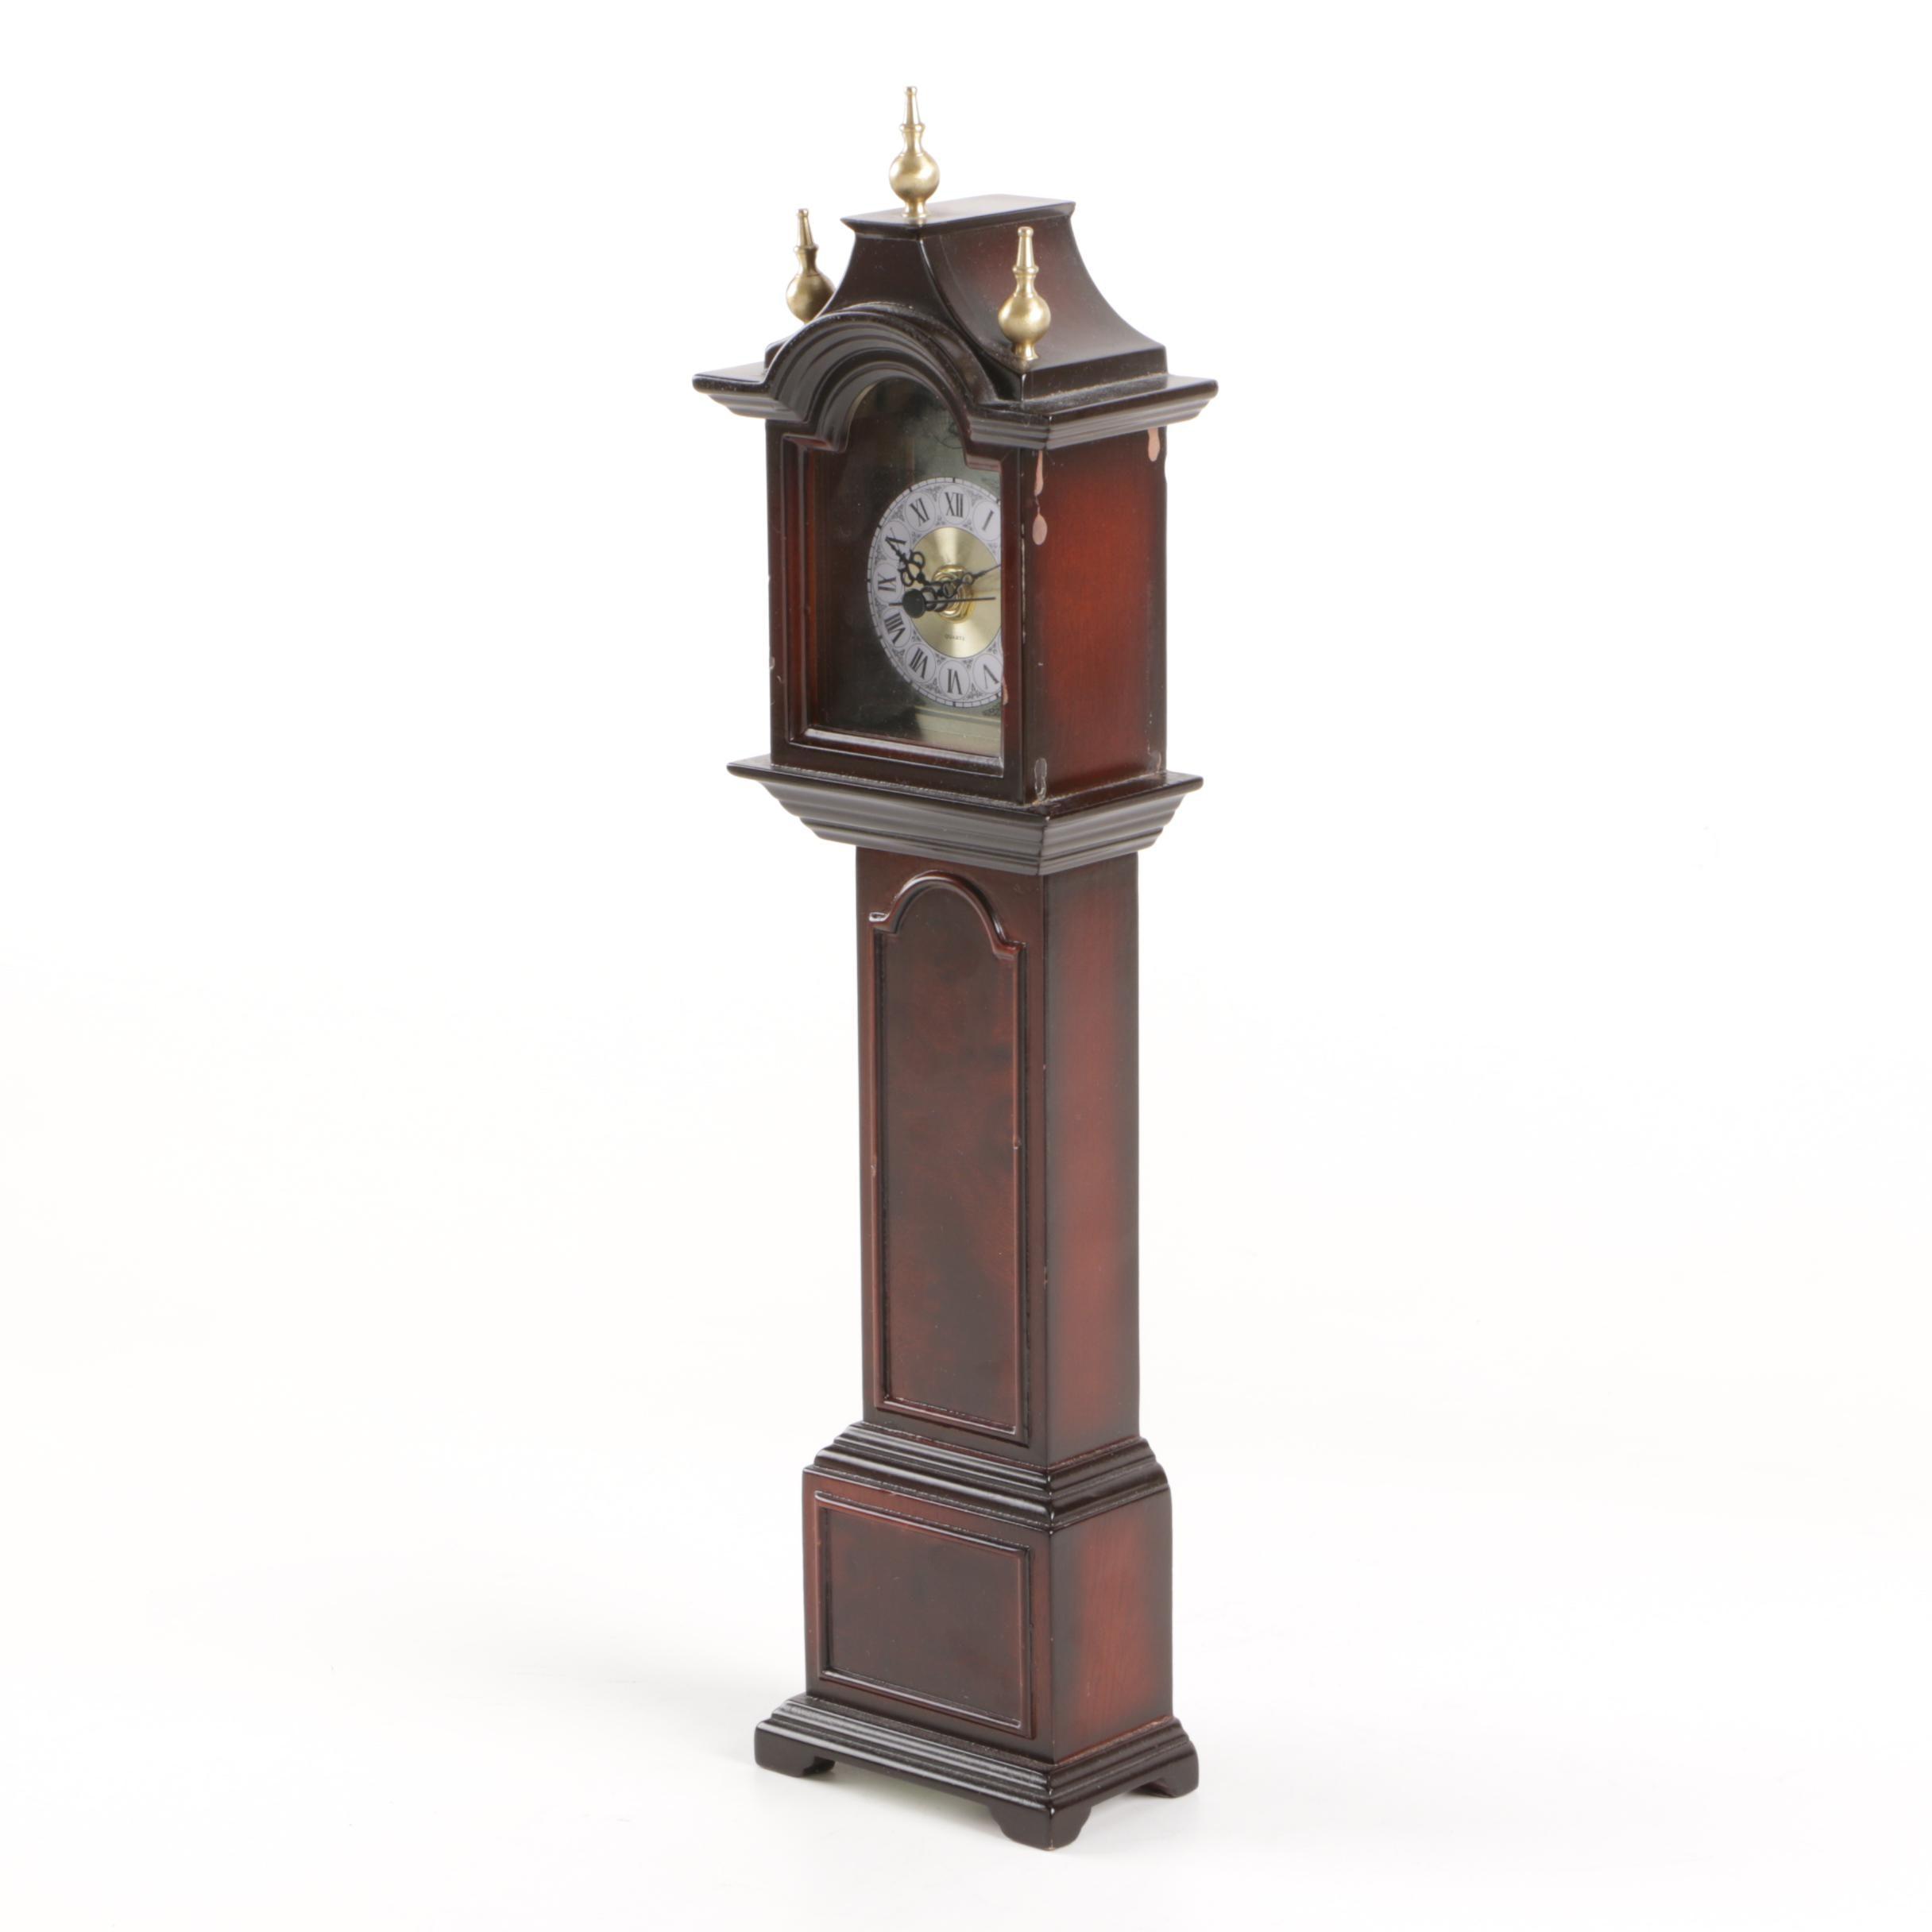 Bombay Minature Grandfathers Clock